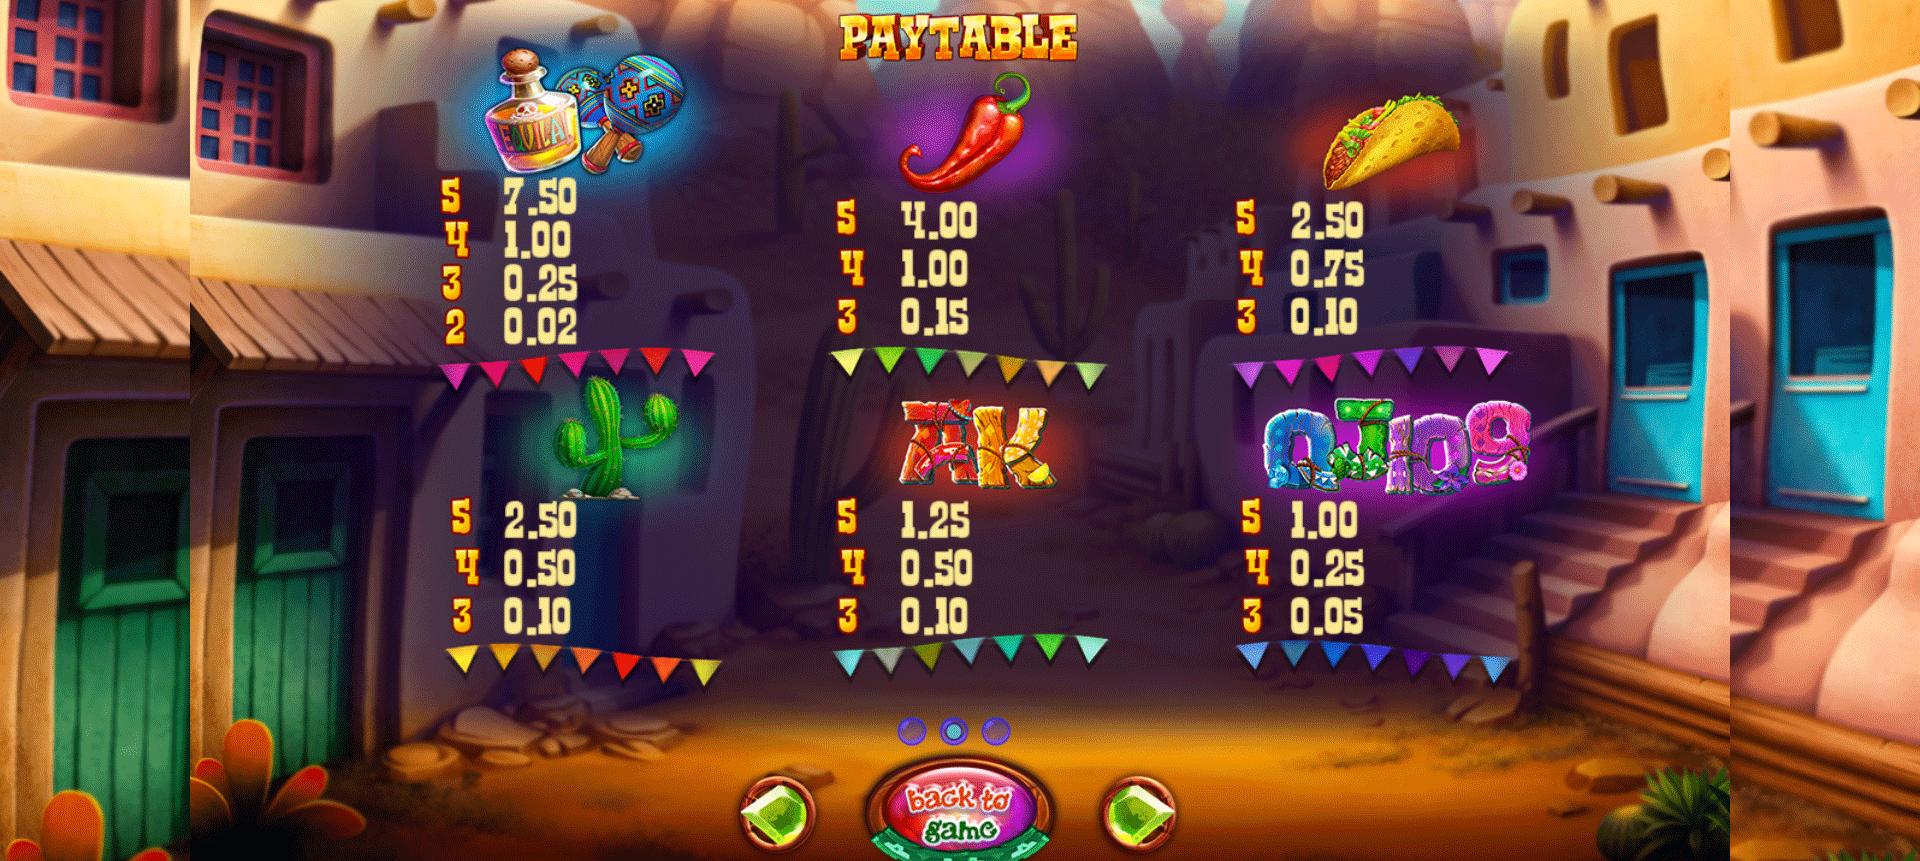 paytable della slot online spinachos